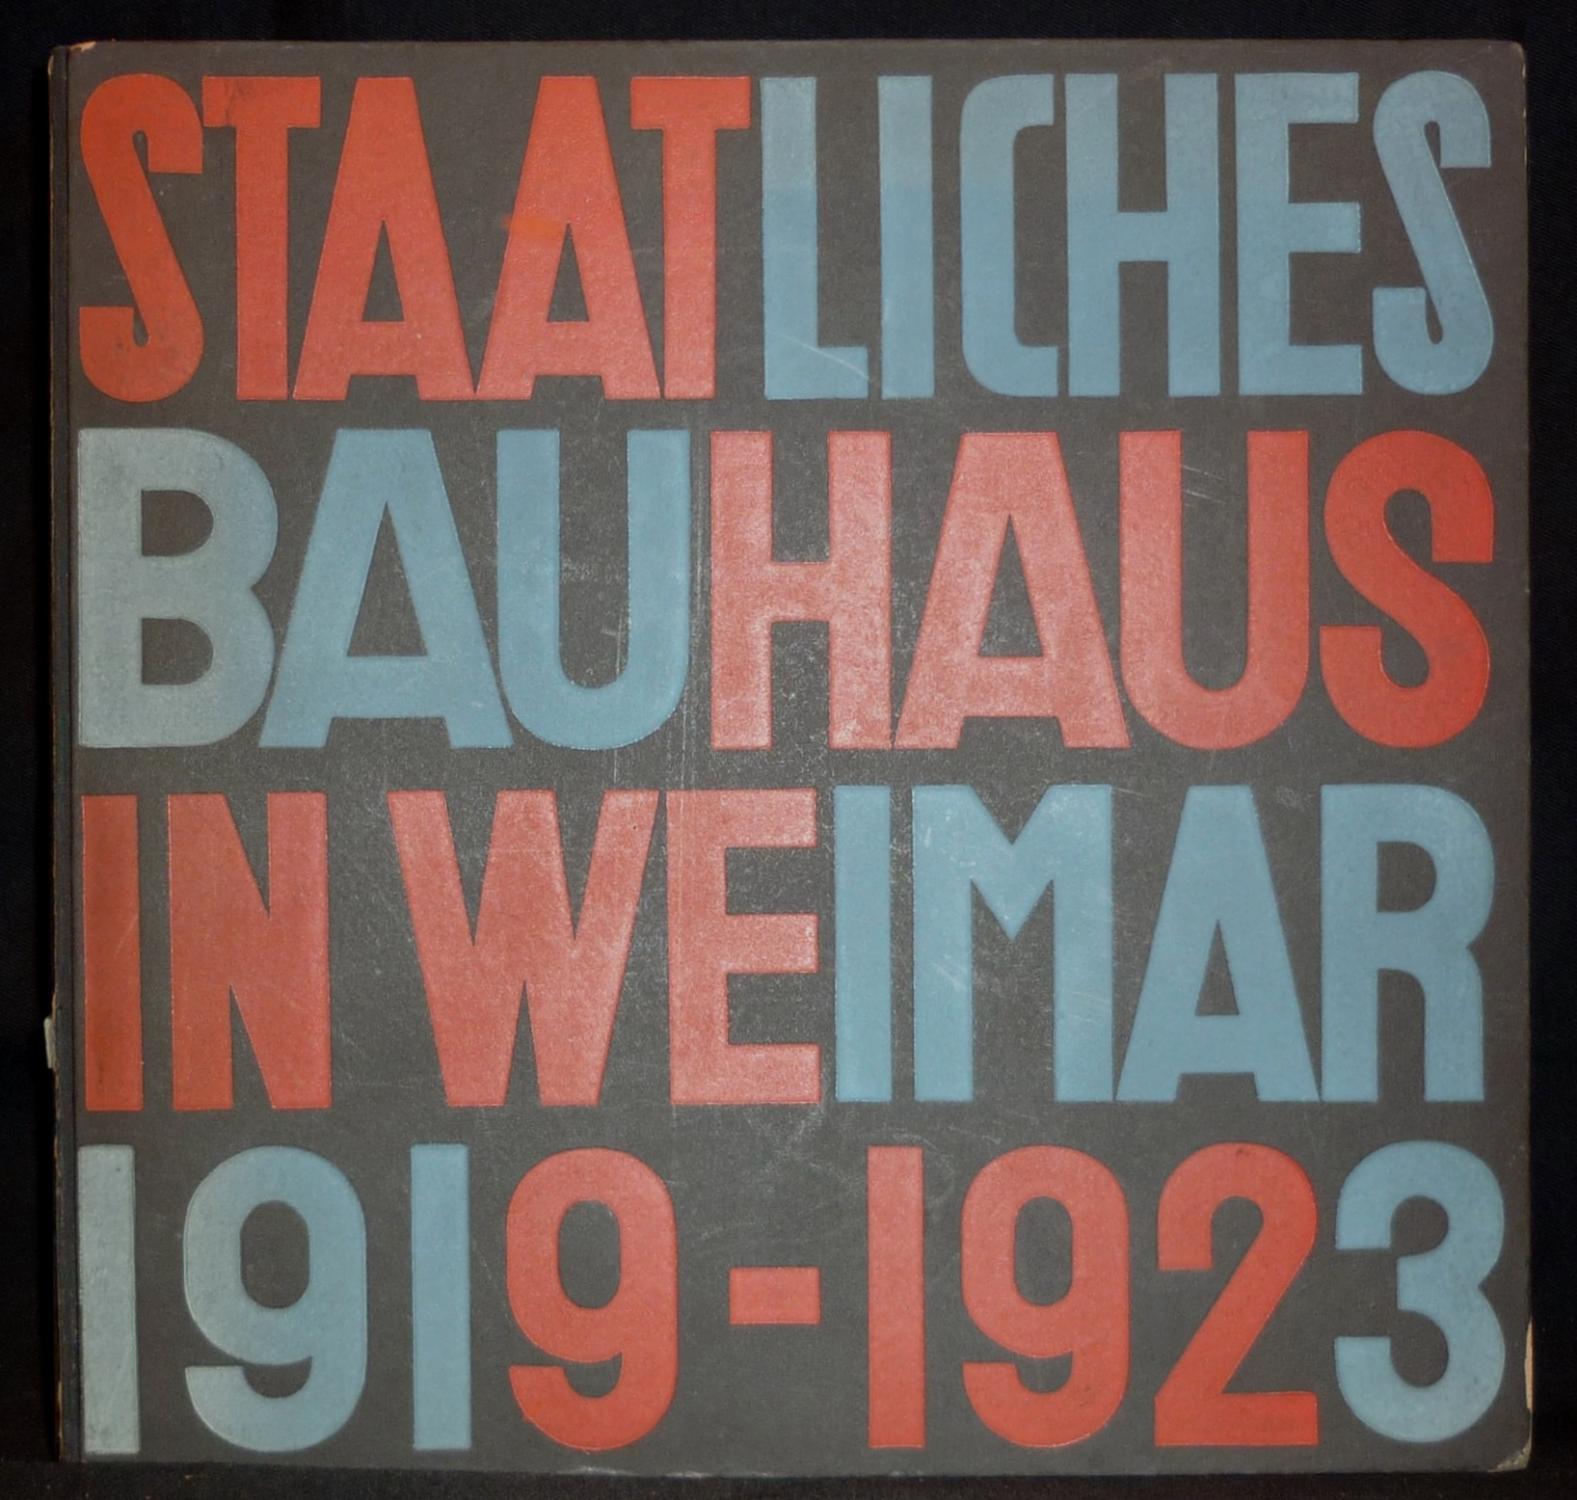 Staatliches bauhaus weimar 1919 1923 zvab for Staatliches bauhaus